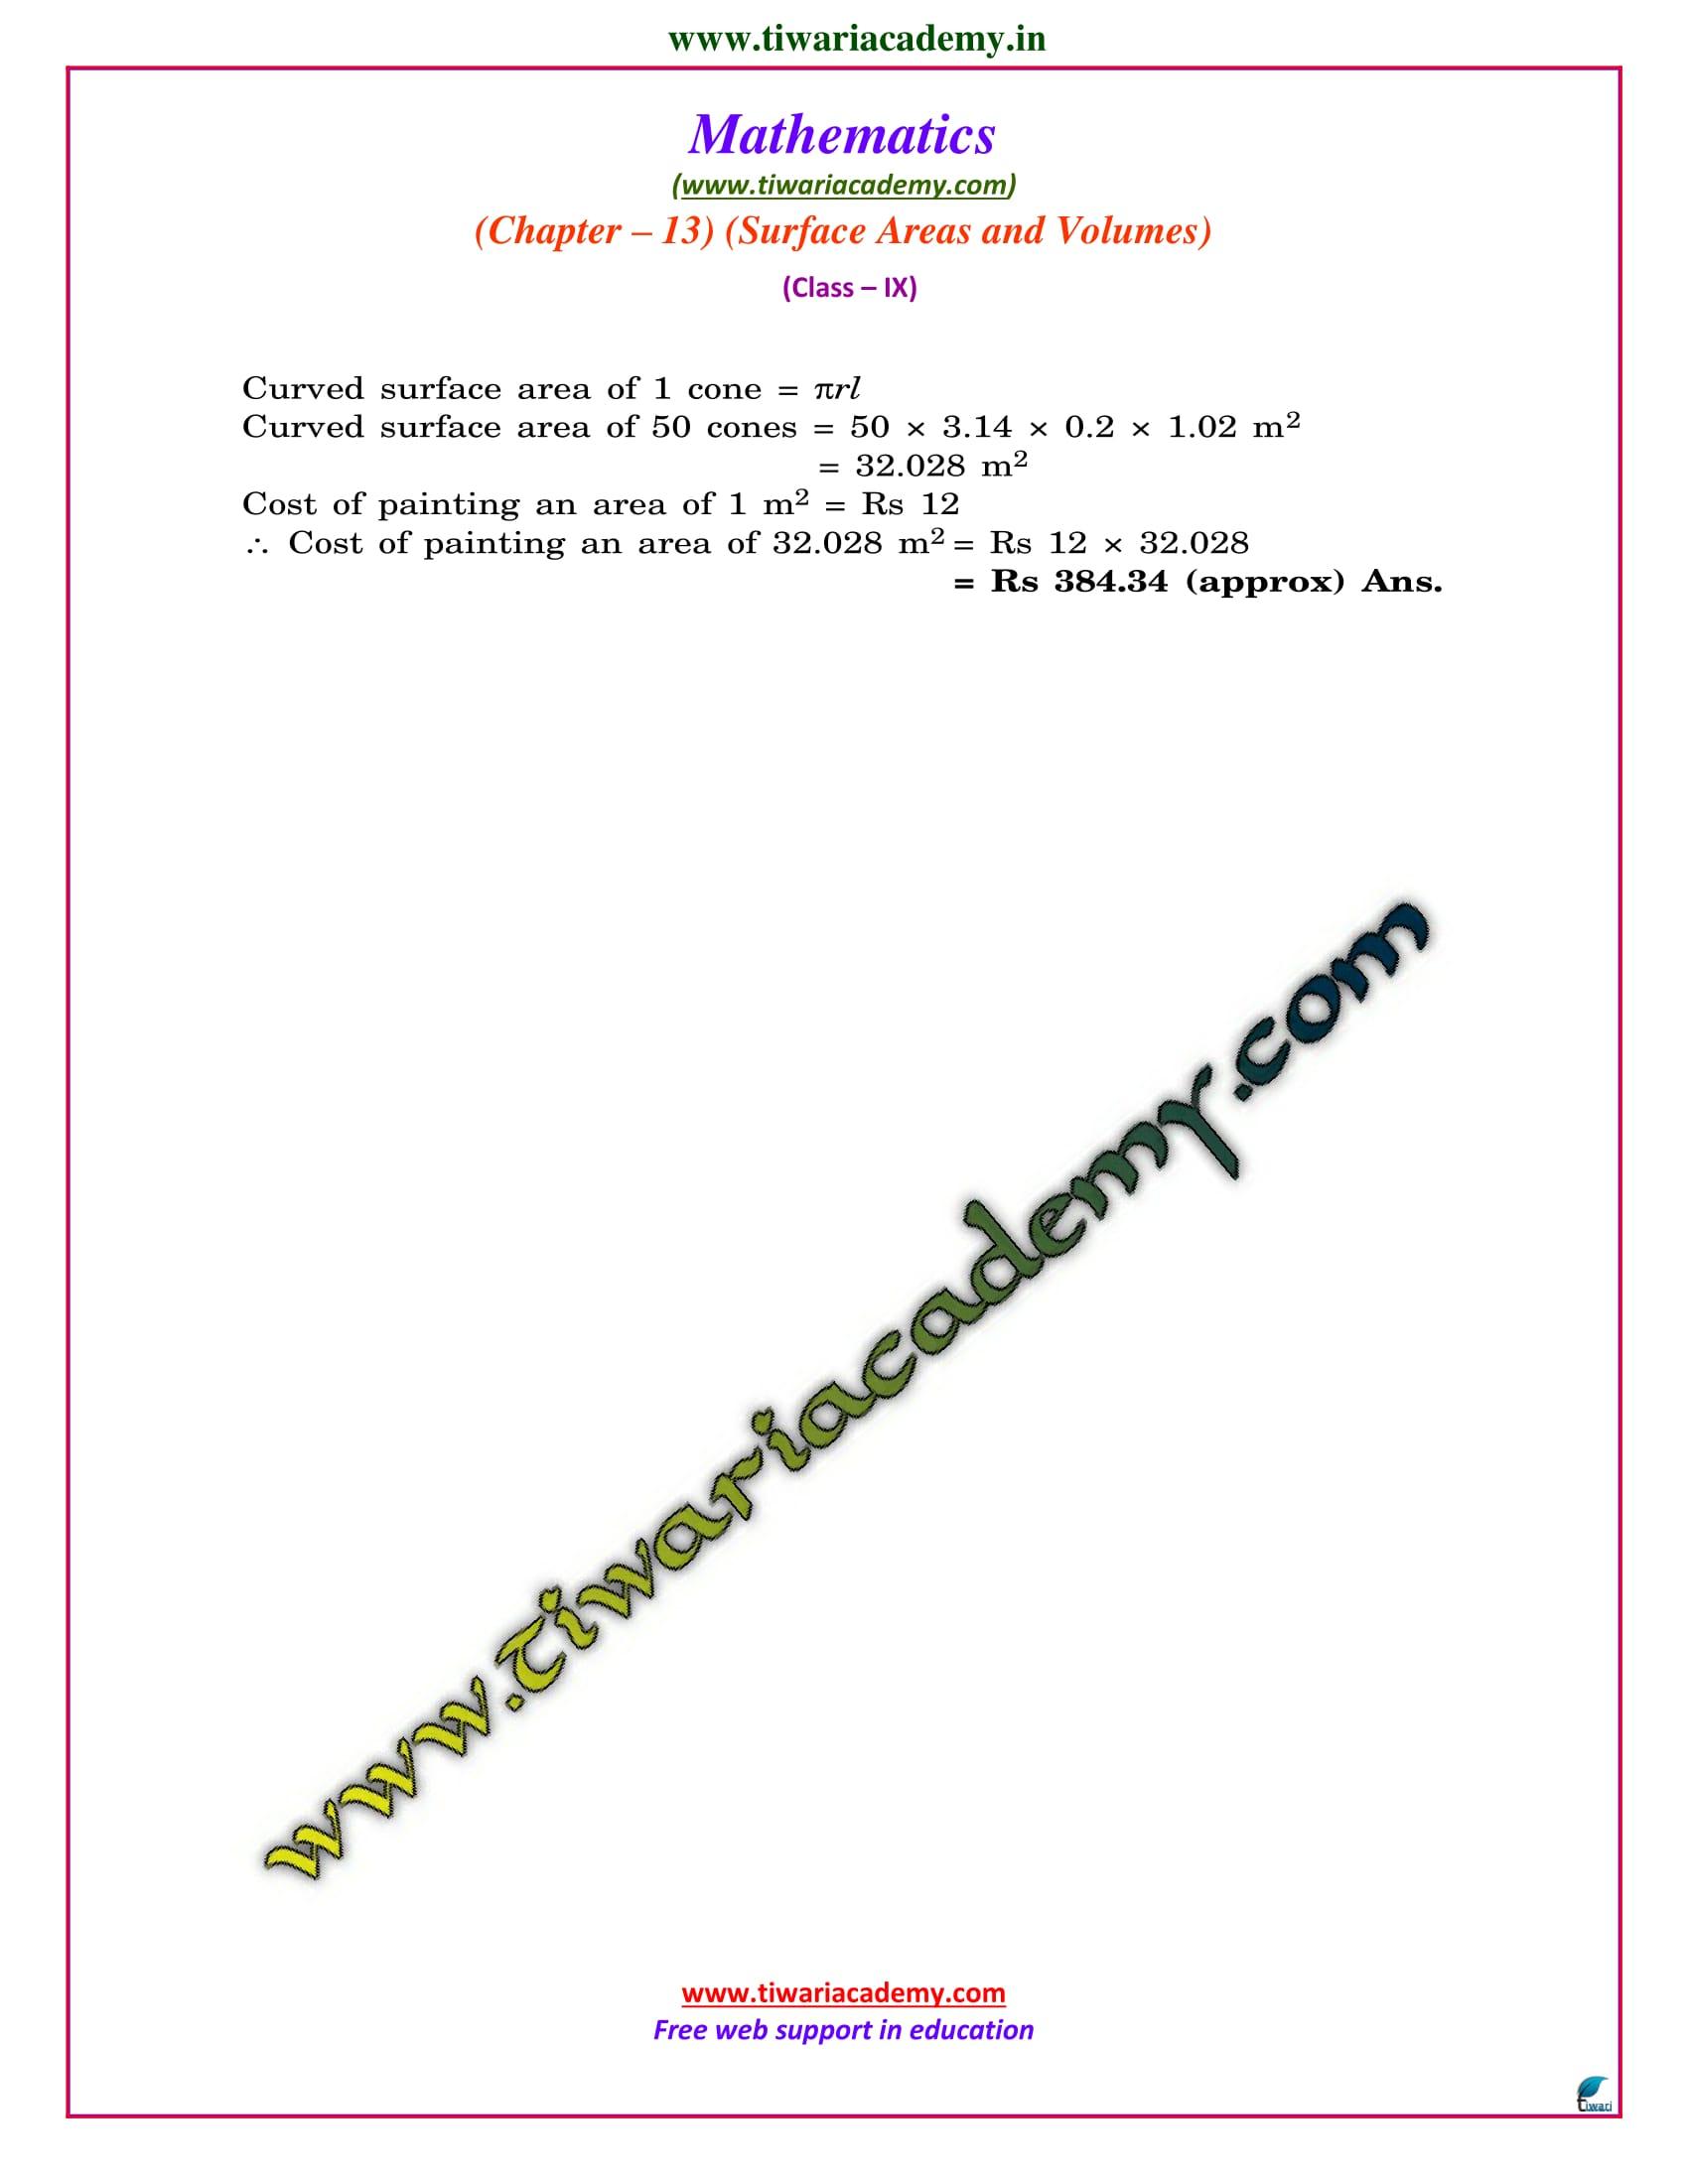 9 maths chapter 13.3 ncert solution